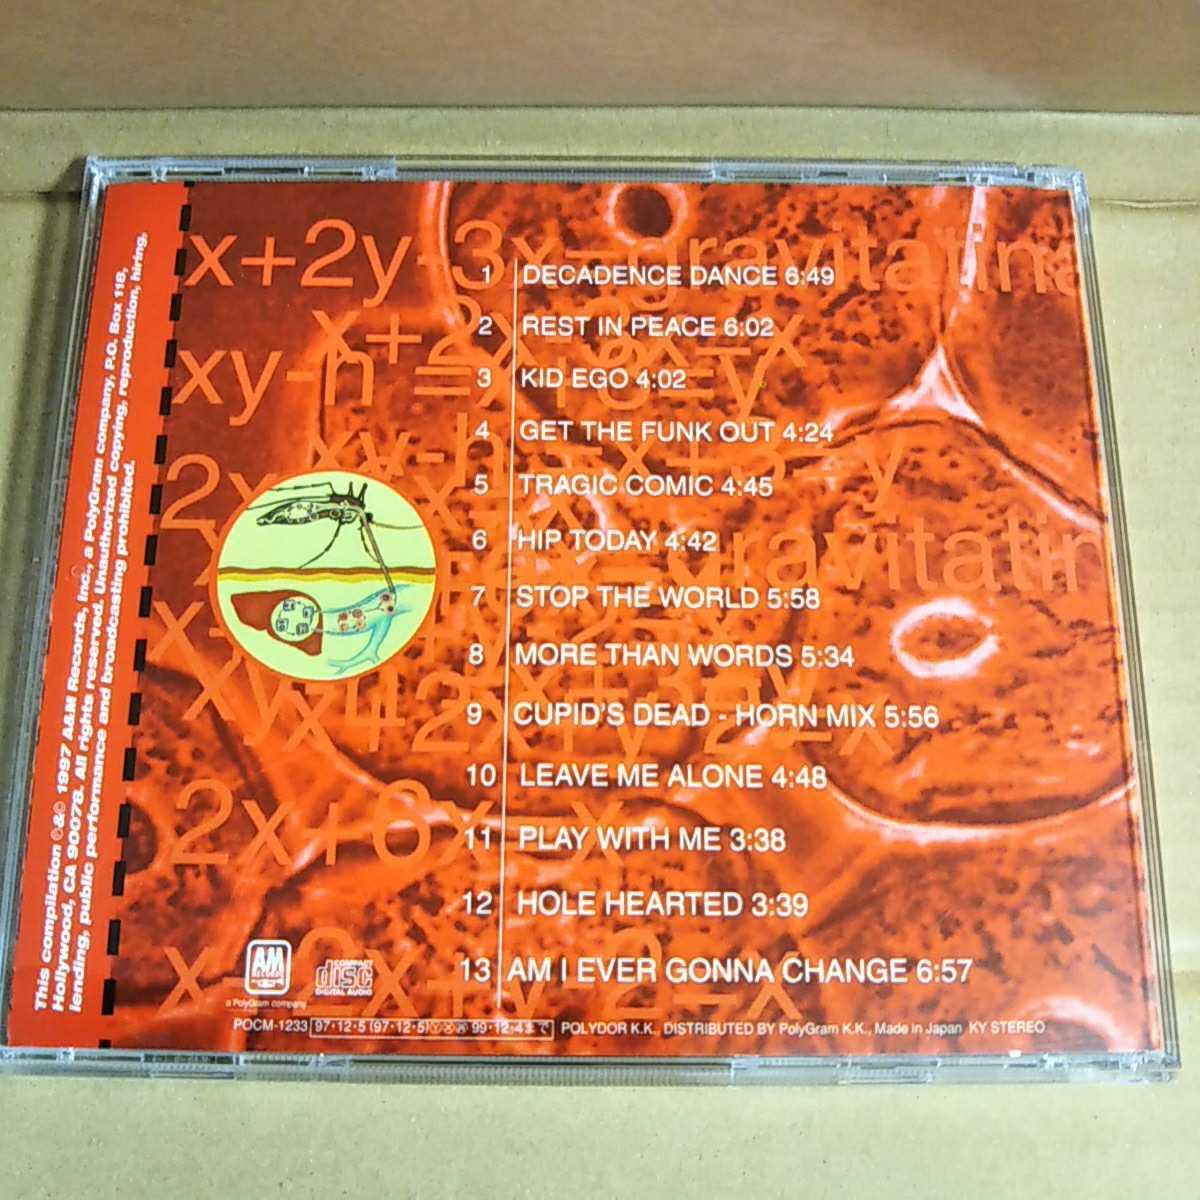 中古CD EXTREME / エクストリーム『THE BEST OF EXTREME』国内盤/帯無し/難有り POCM-1233【1140】